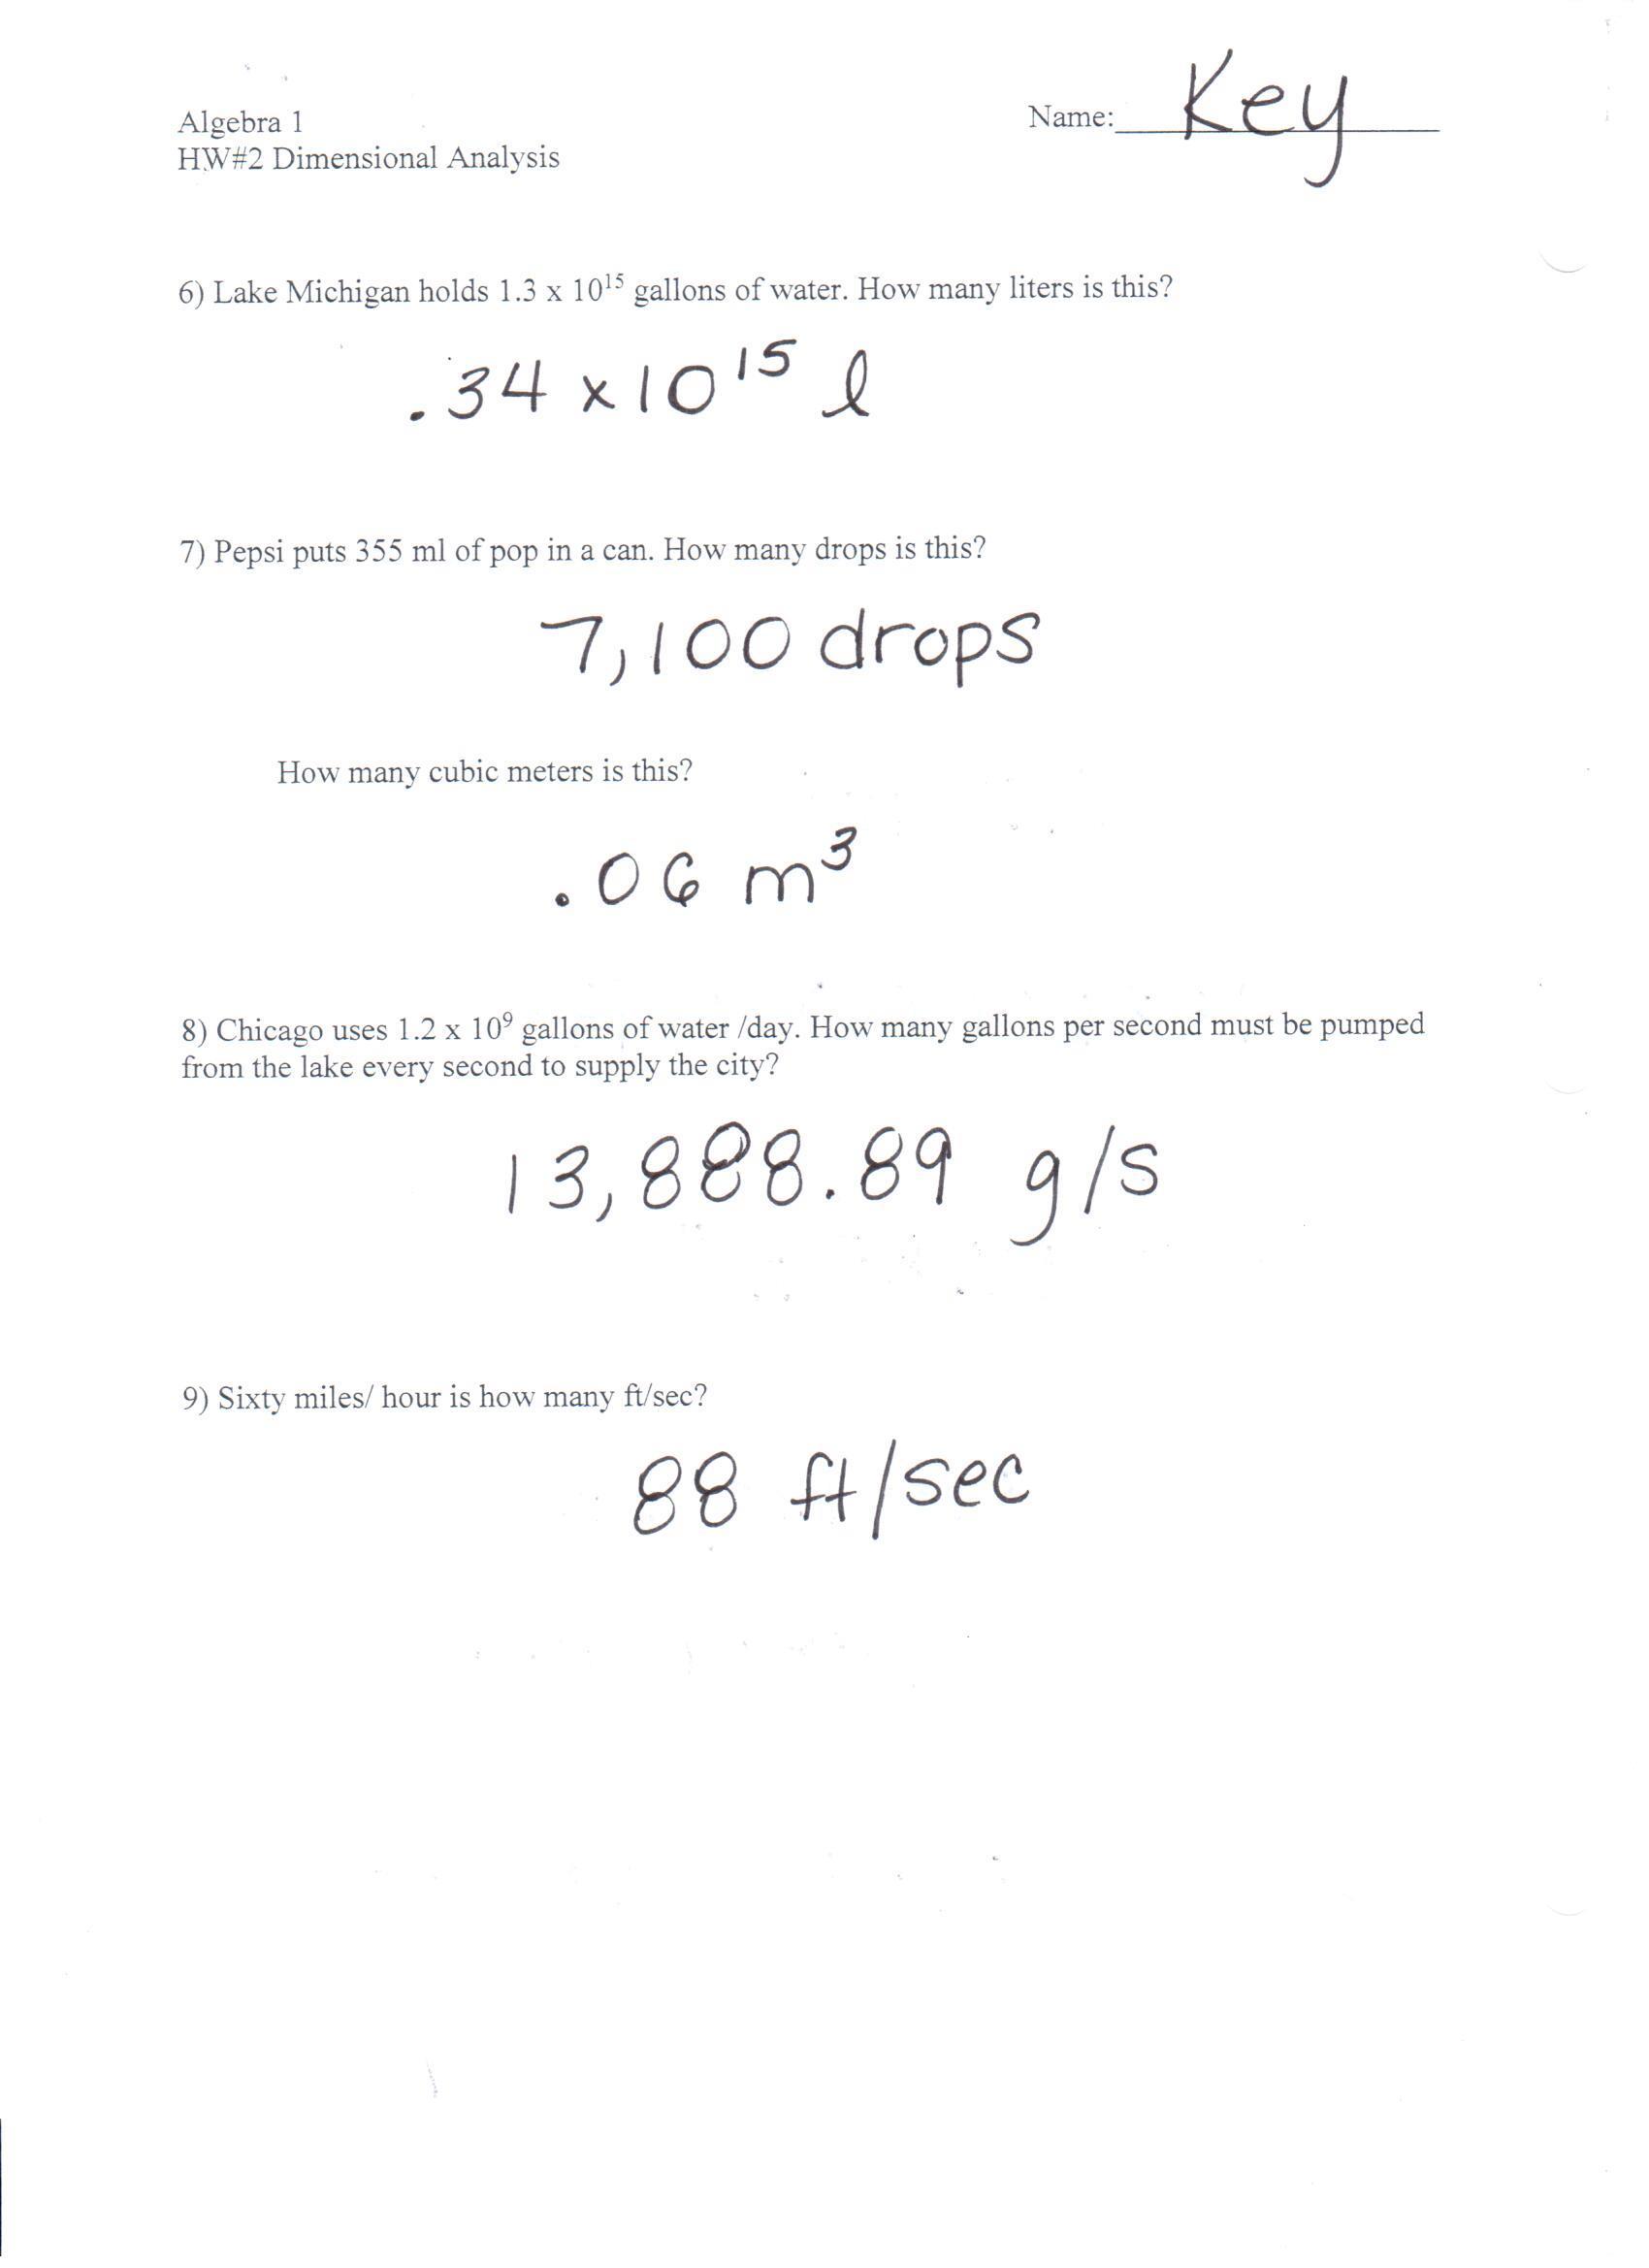 Dimensionalysis Homework